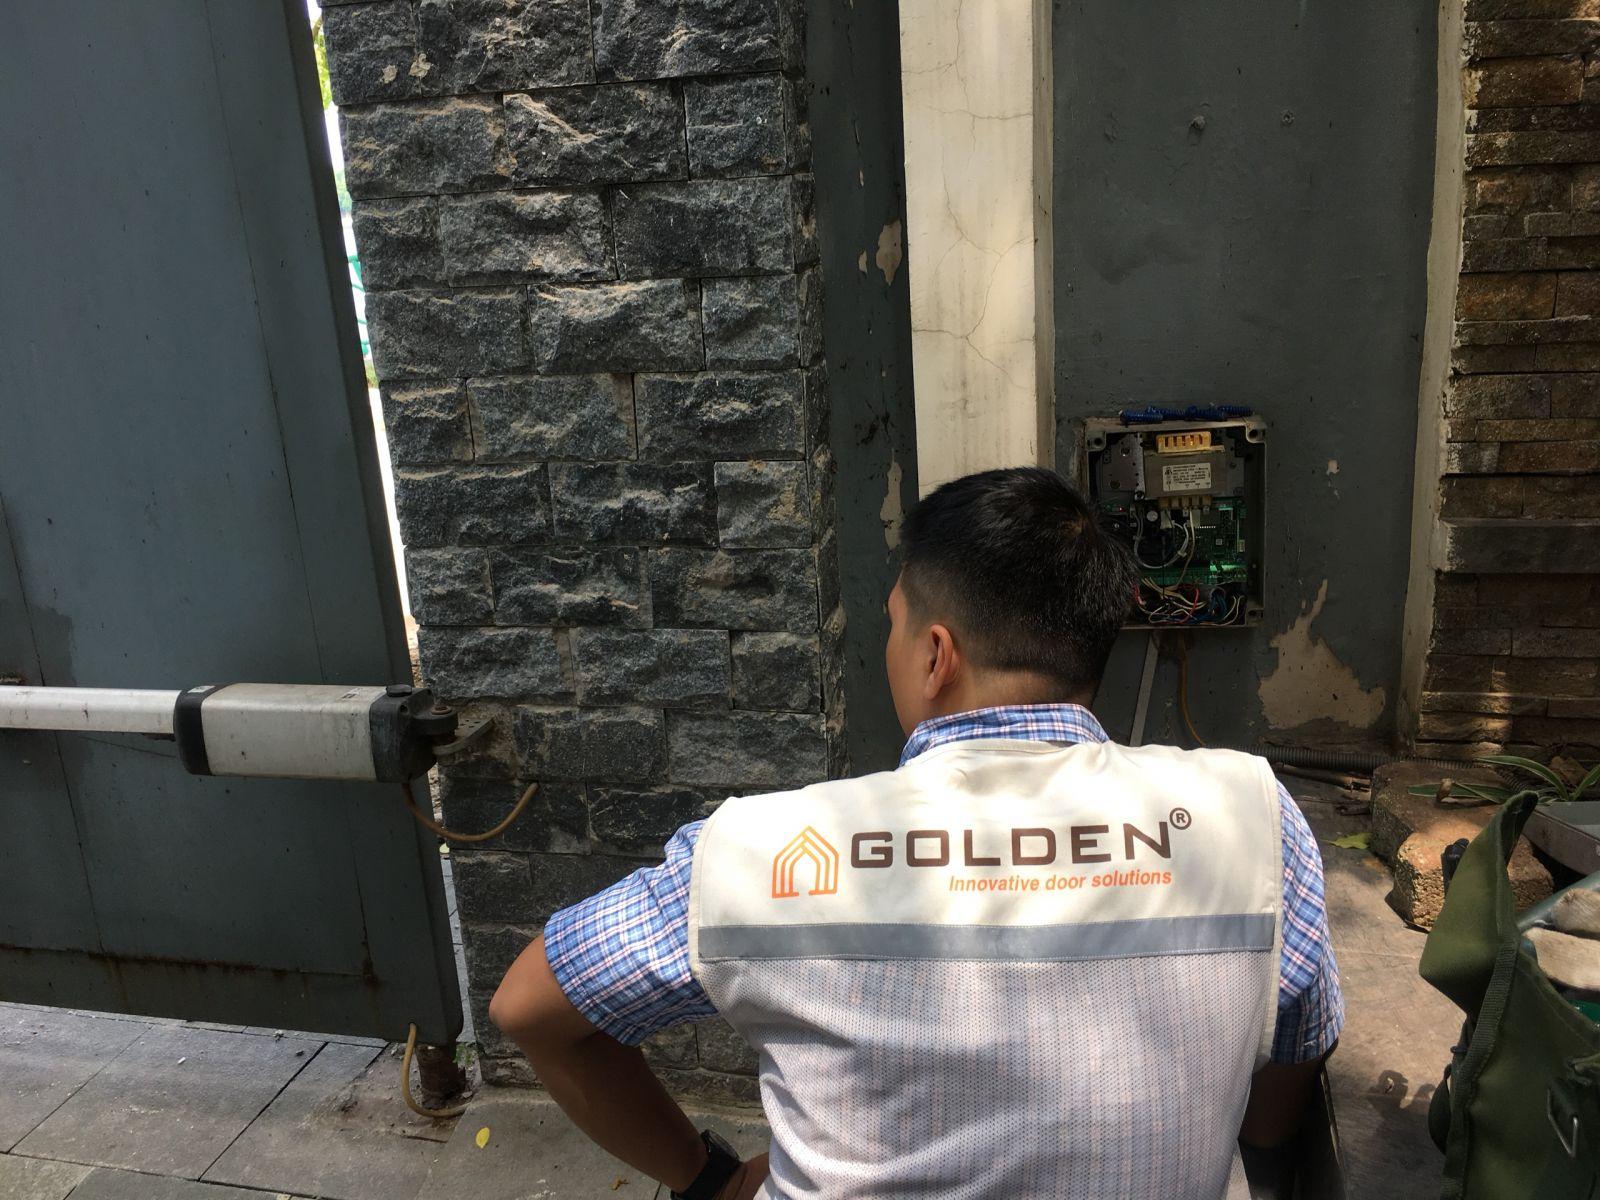 kỹ thuật sửa chữa cửa tự động